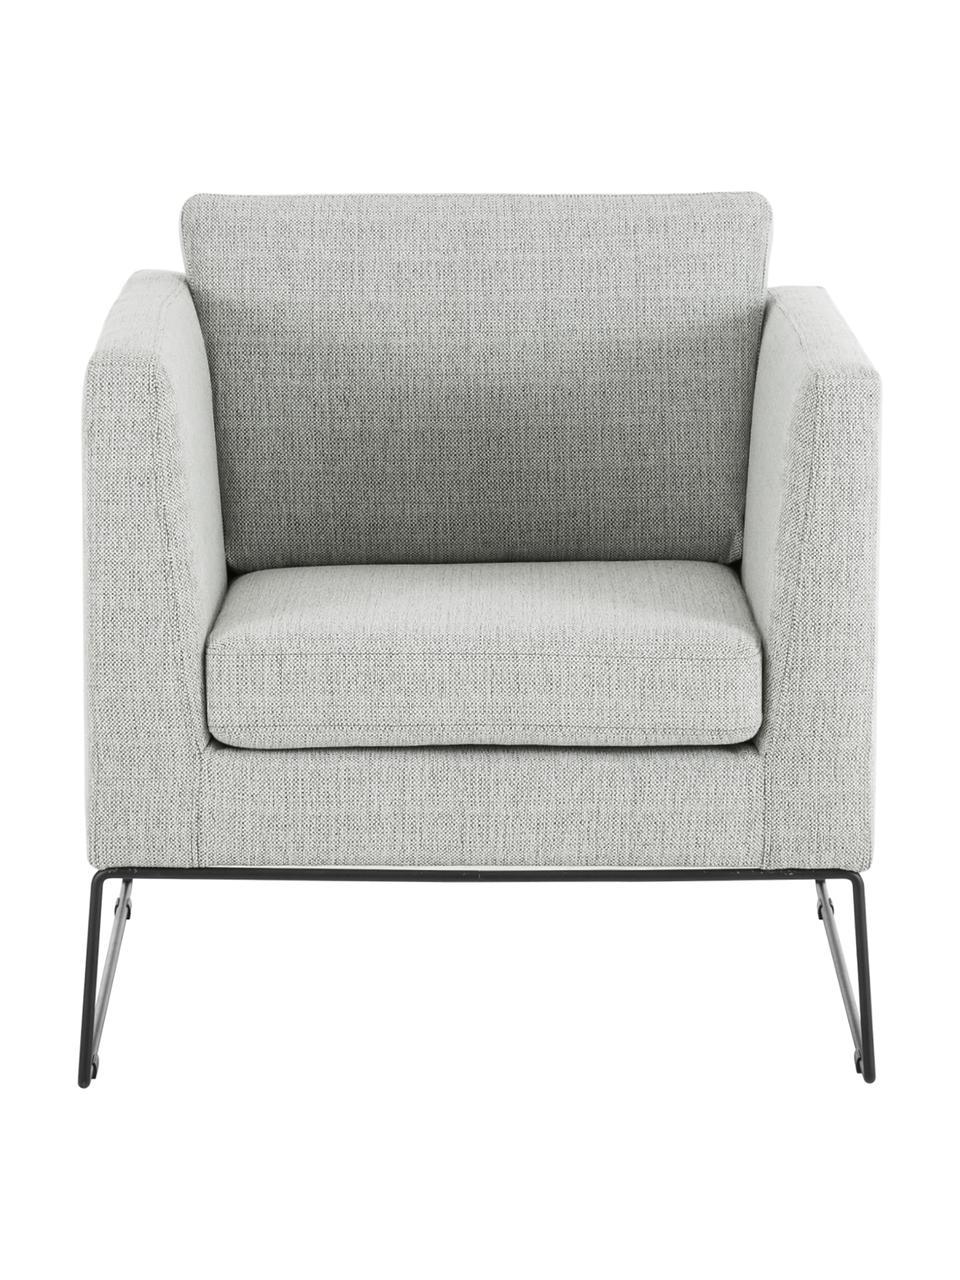 Klassieke fauteuil Milo in grijs met metalen poten, Bekleding: hoogwaardig polyester, Frame: grenenhout, Poten: gelakt metaal, Geweven stof grijs, B 77 x D 75 cm